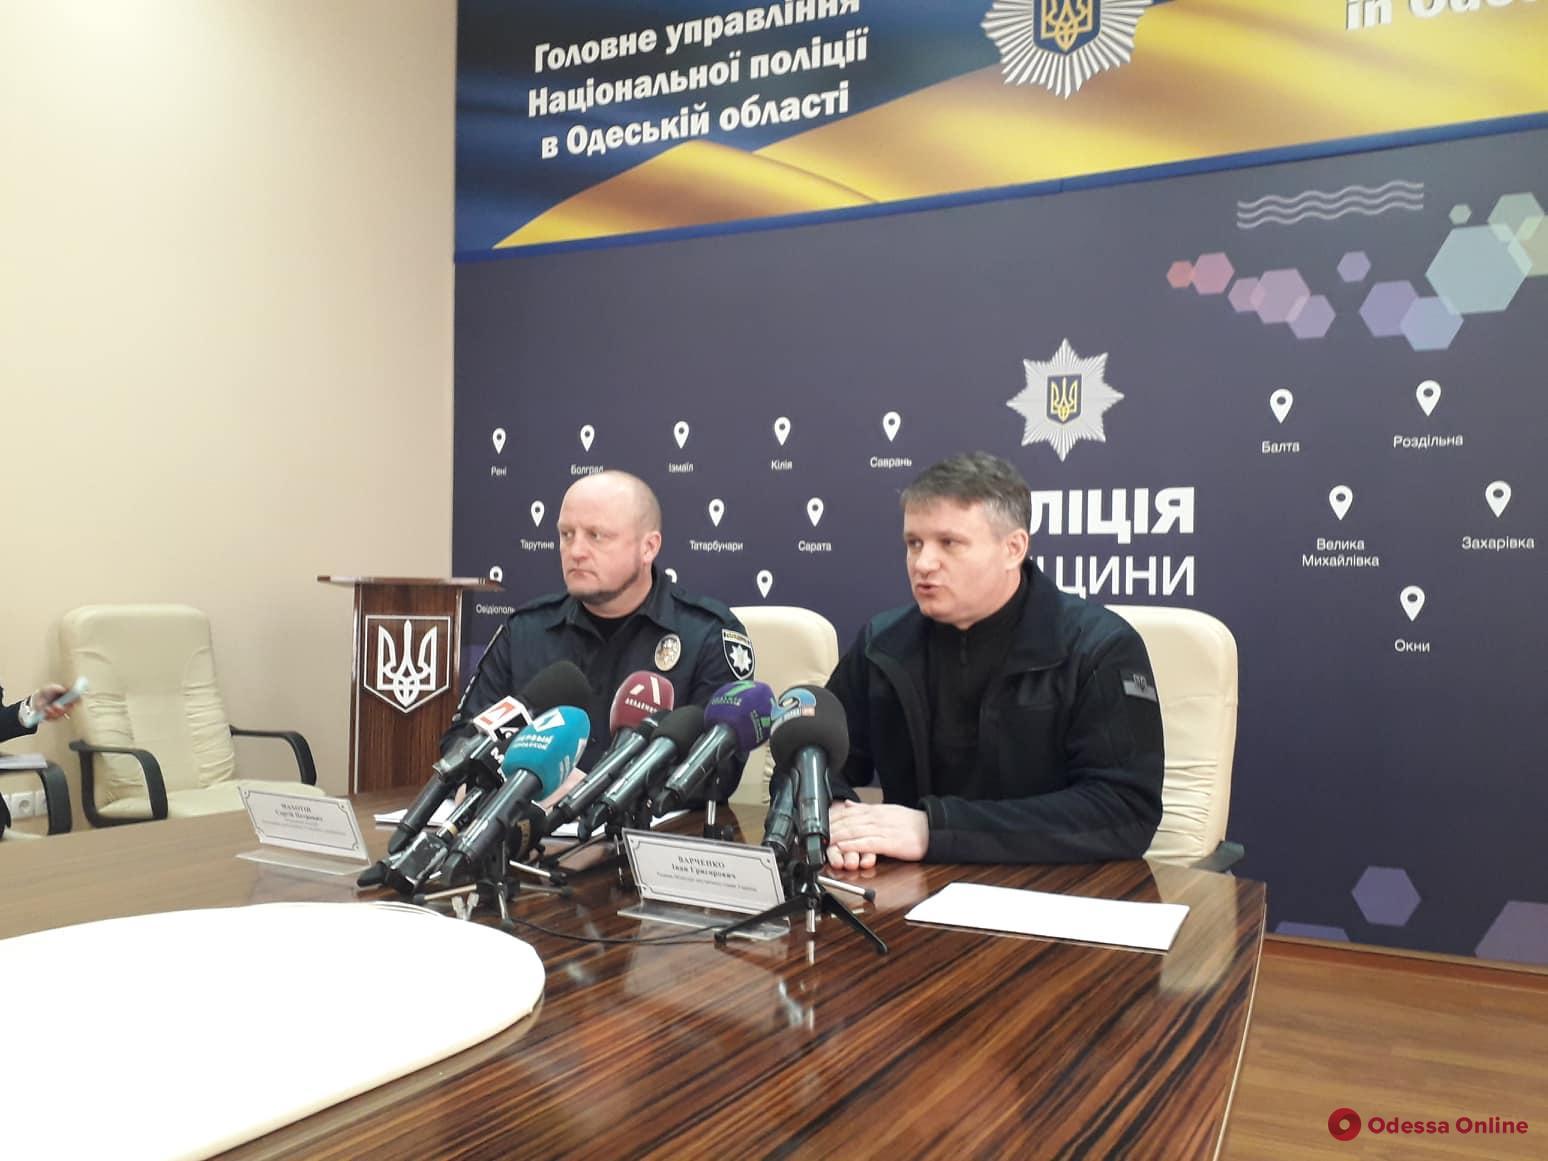 Одесские полицейские готовятся ко второму туру президентских выборов